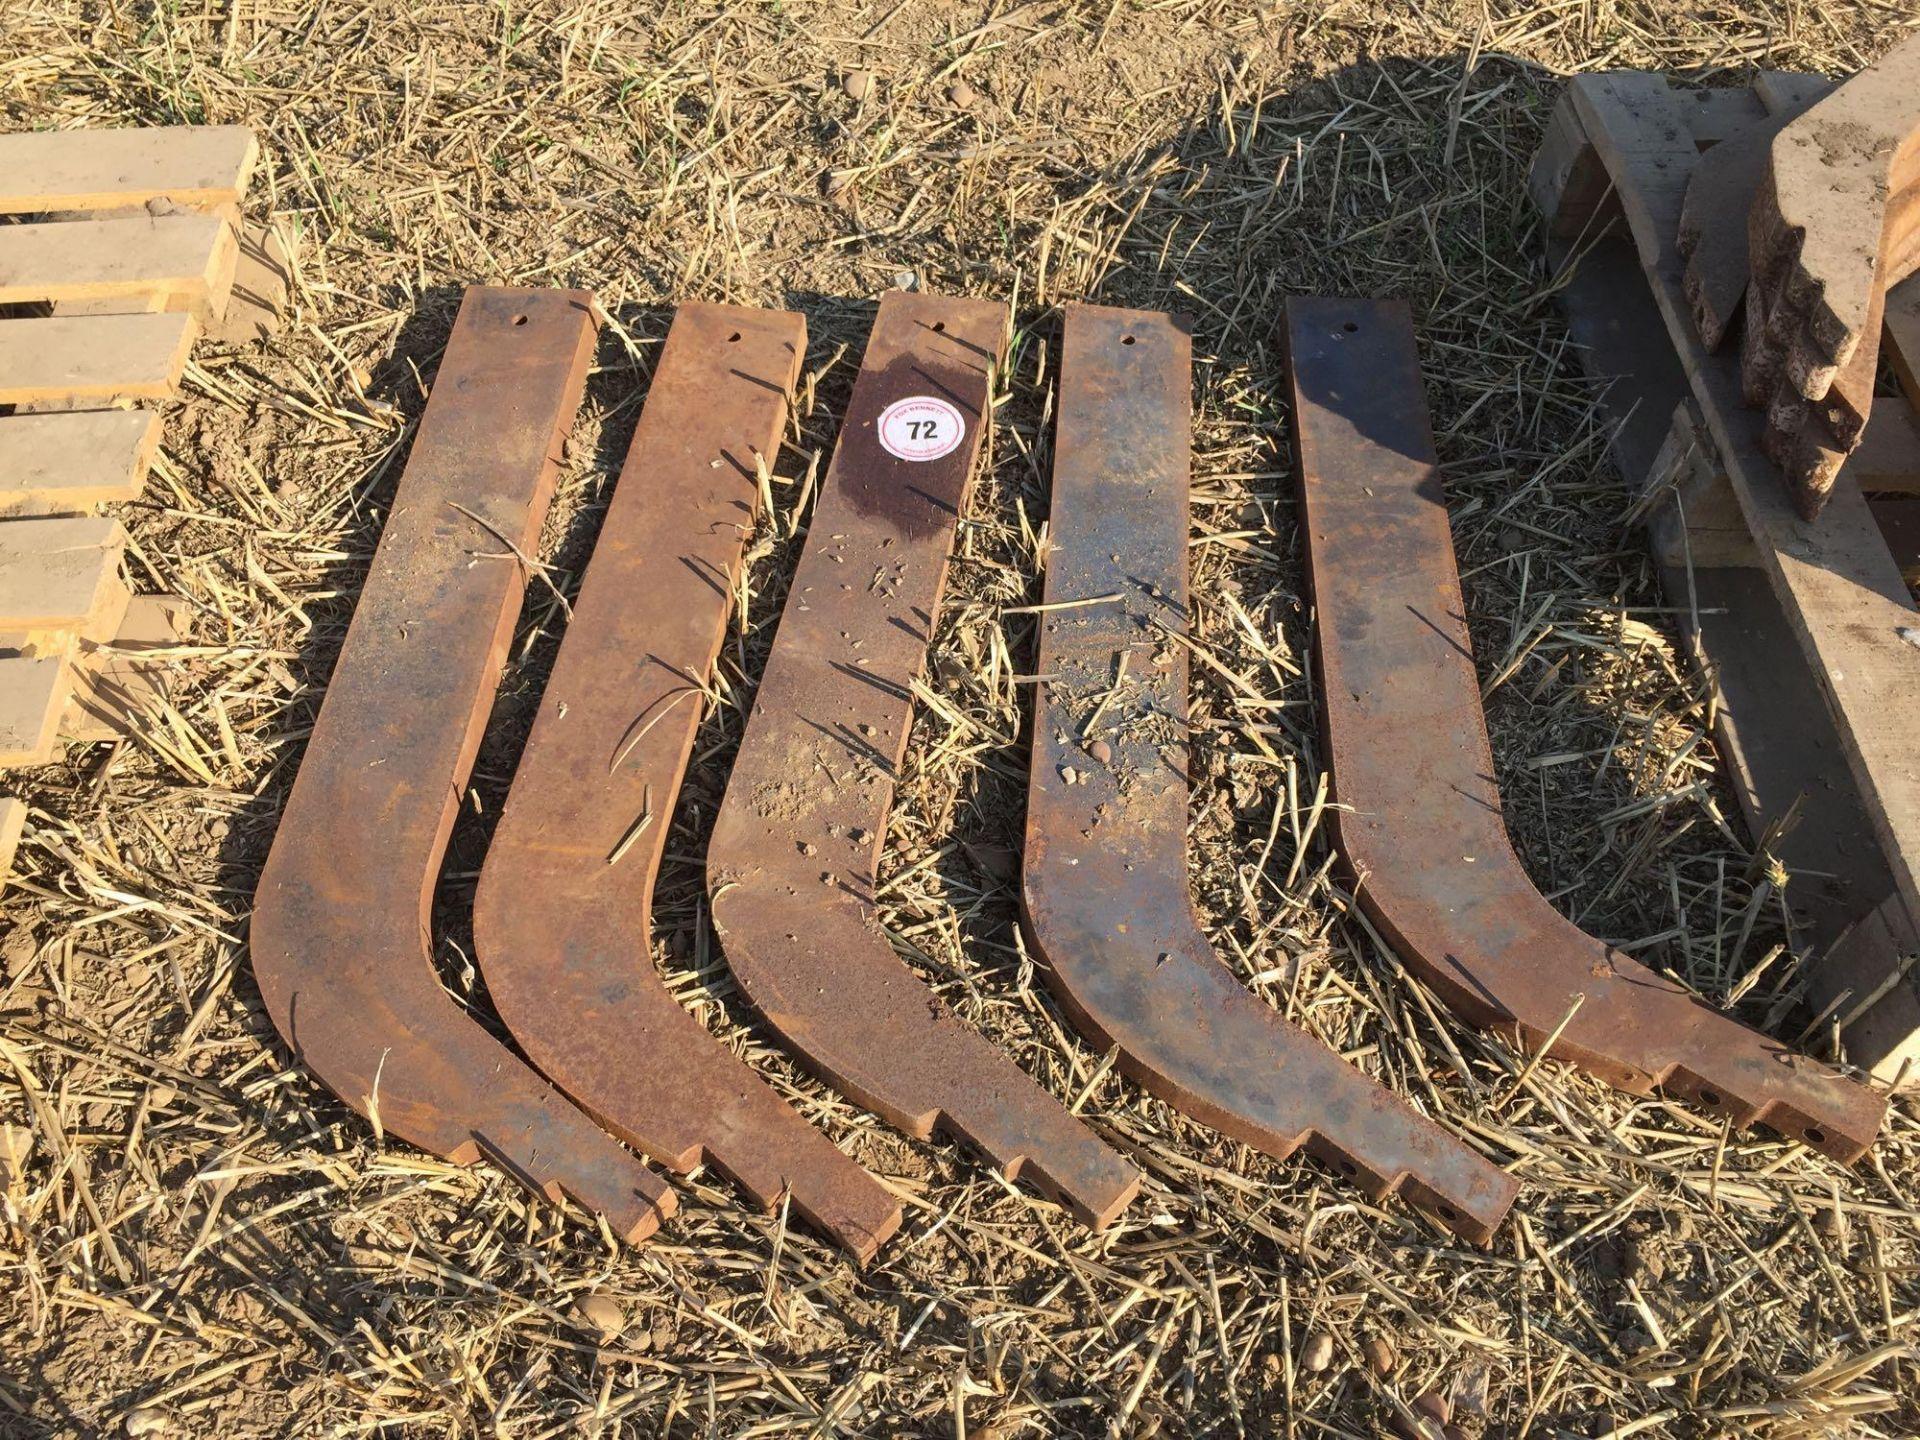 Lot 72 - Quantity large chisel plough legs (5)